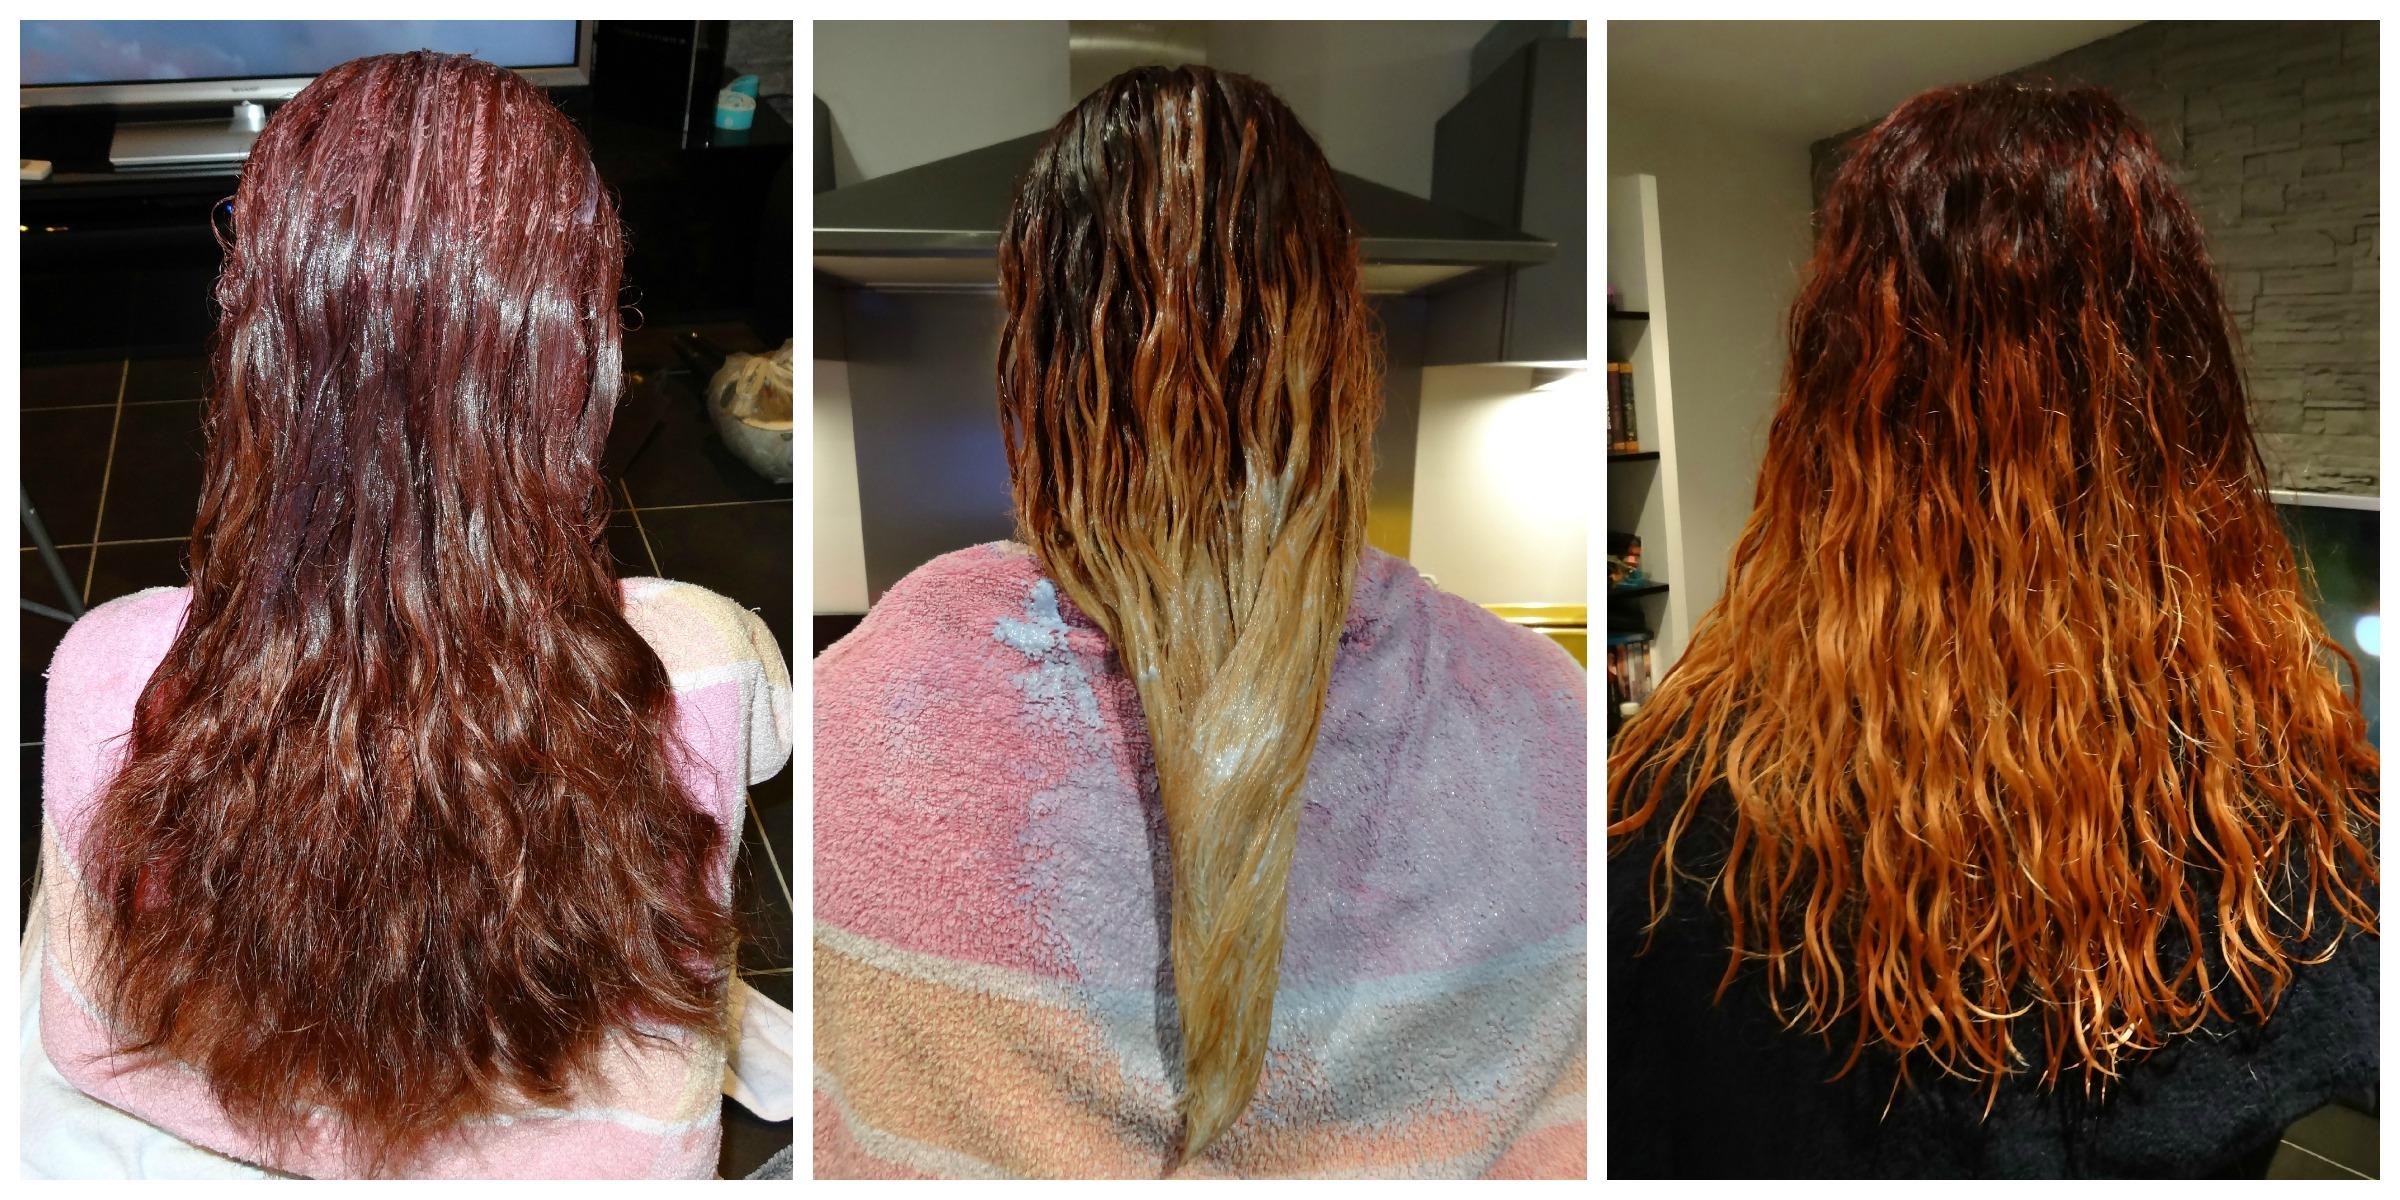 picmonkey collage - Colorer Ses Cheveux Naturellement